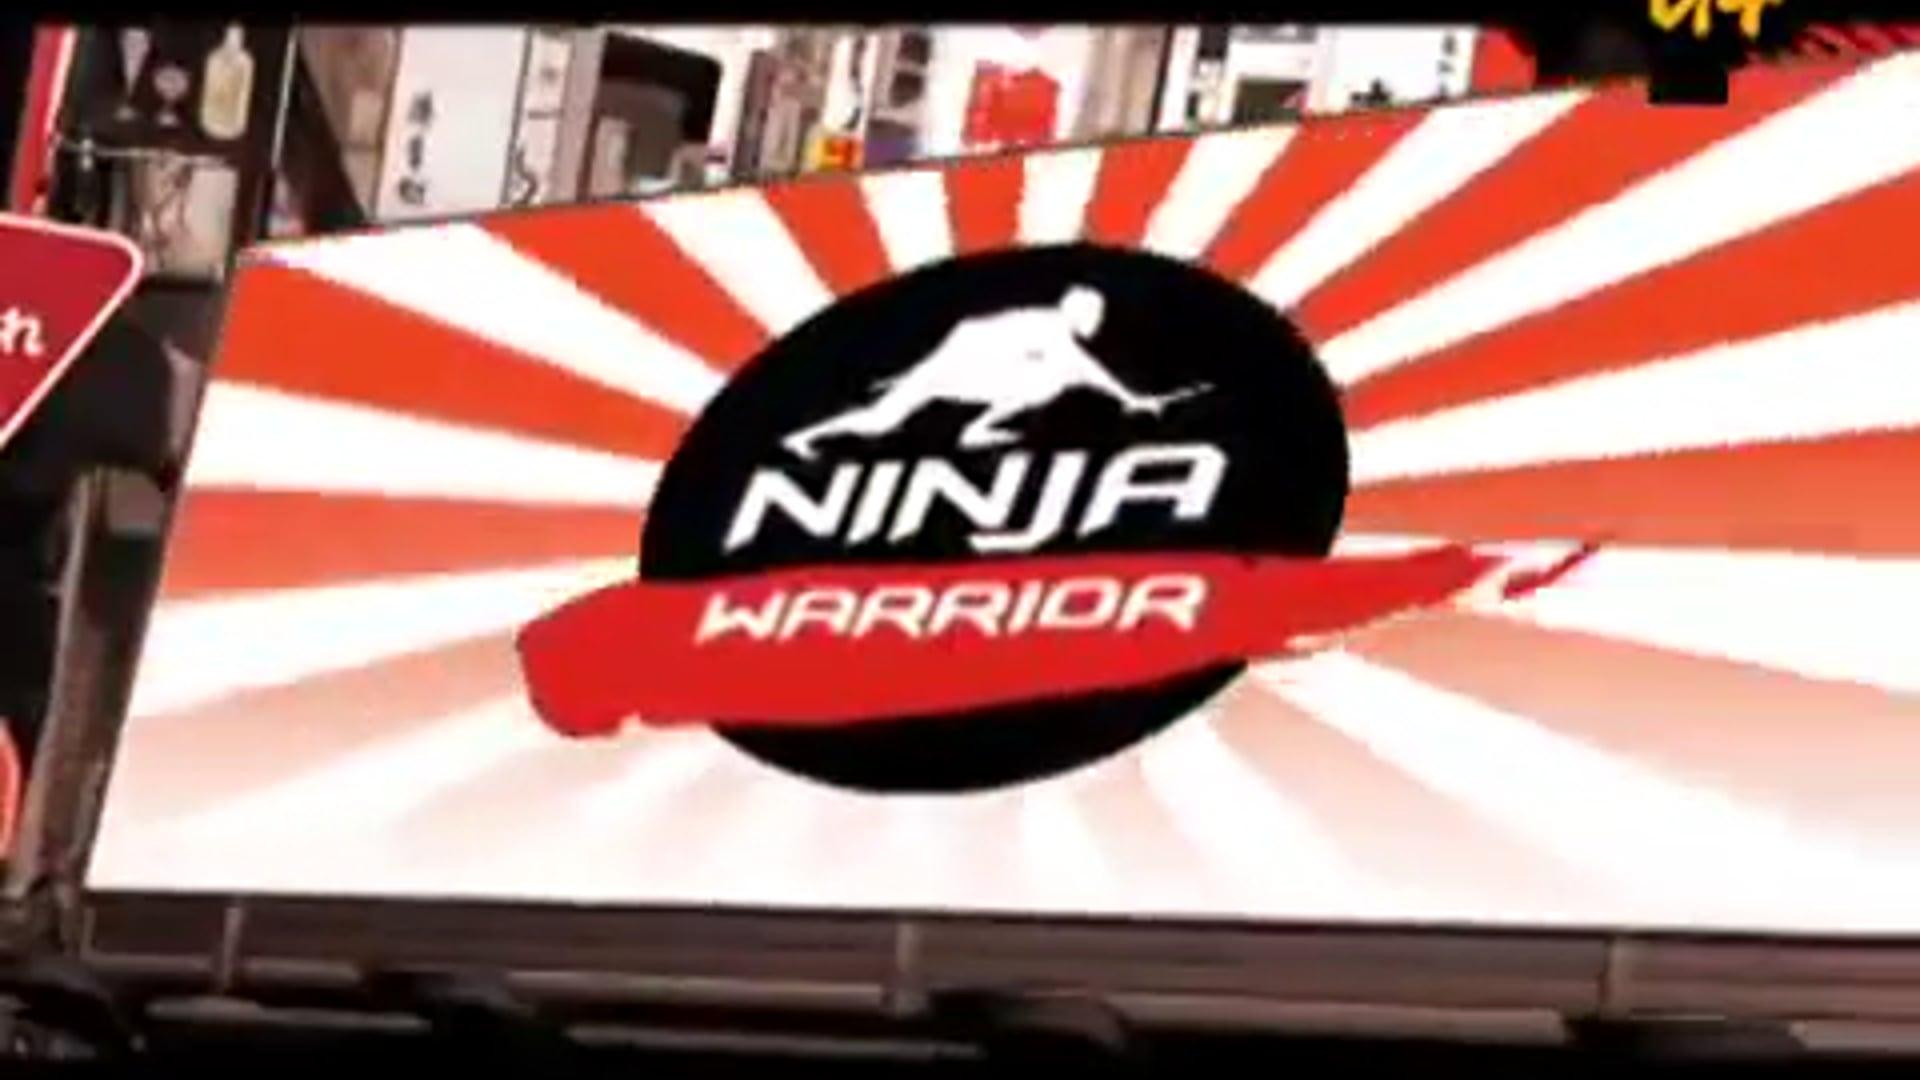 Ninja Warrior - Olivia Munn's 1st Run 480p